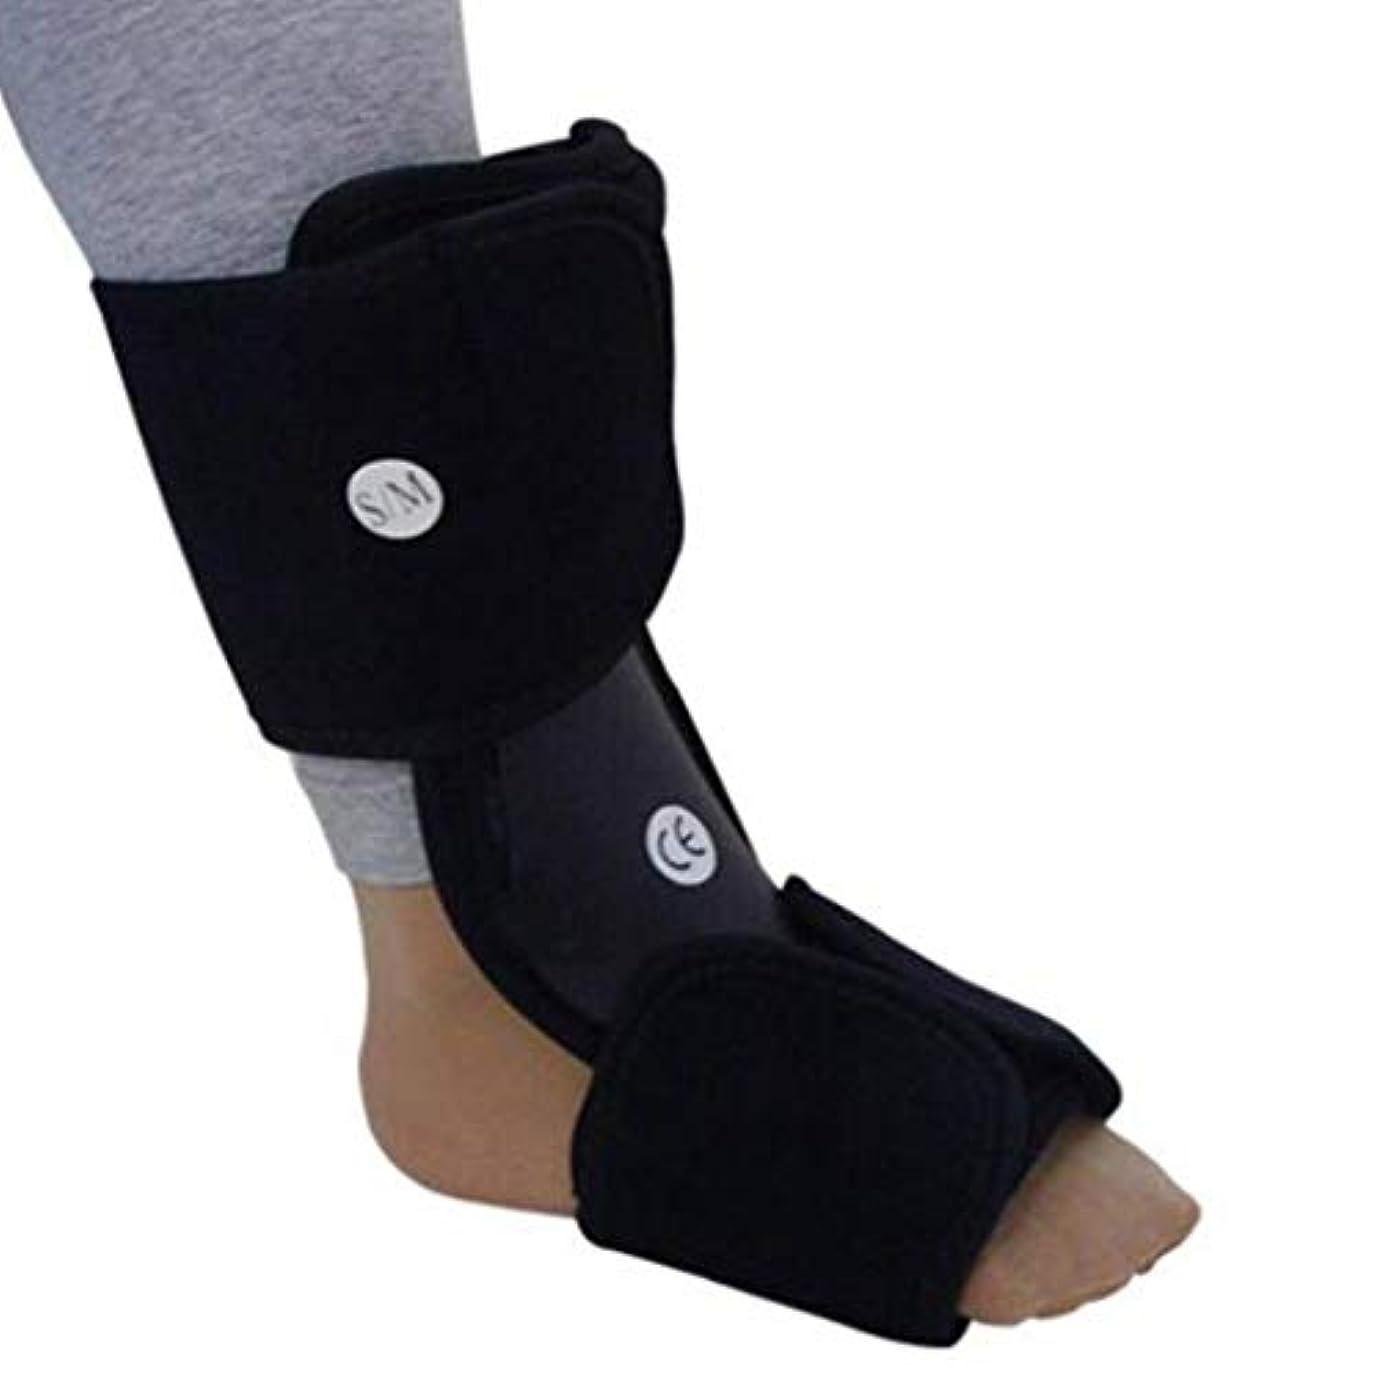 これまで人類人種足首レッグストラップサポート足装具補正足底スプリント固定プロテクター足首の痛みを軽減し、捻rainを復元 (Size : S)